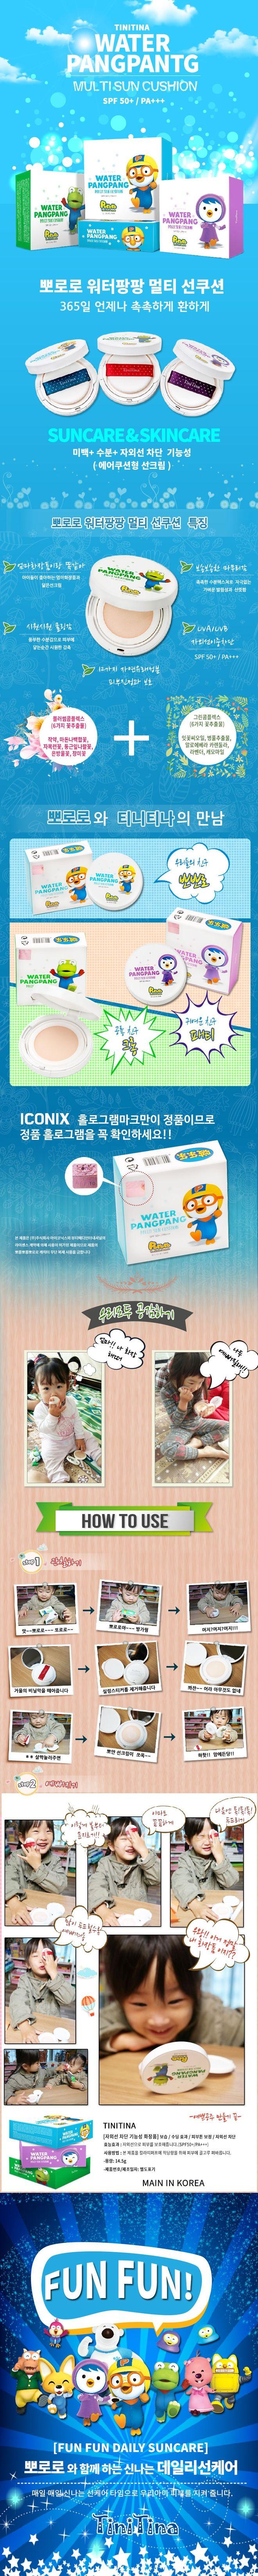 뽀로로 워터팡팡 아이용 썬블락 에어쿠션 SPF 50+/PA+++ 보습/수딩효과/피부톤 보정/자외선 차단 기능성 화장품! 매일 매일 신나는 선케어 타임으로 우리 아이 http://hotdeal.newskorea.com/product/product_detail.asp?cat_no=28&prd_idx=1907 #뽀로로 #선케어 #에어쿠션 #spf #자외선차단 #선크림